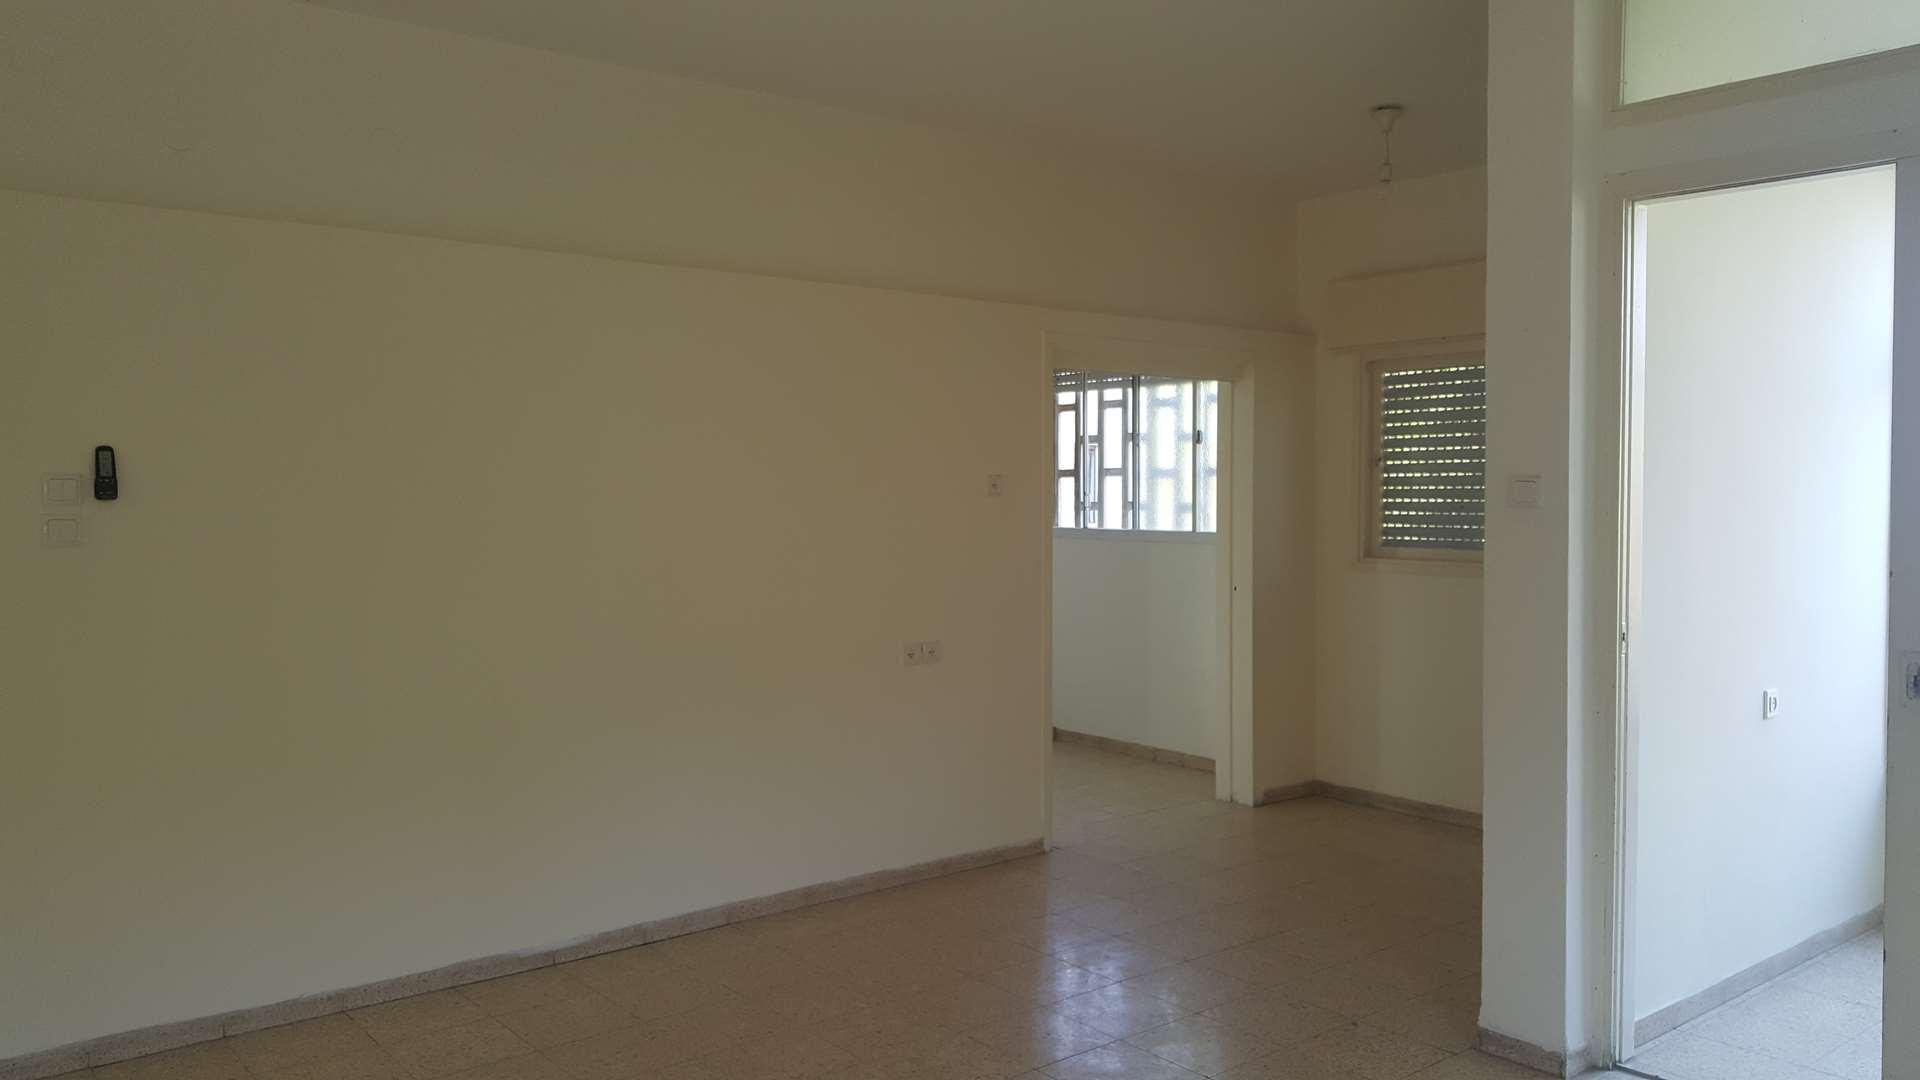 דירה, 1 חדרים, טשרניחובסקי, חיפה